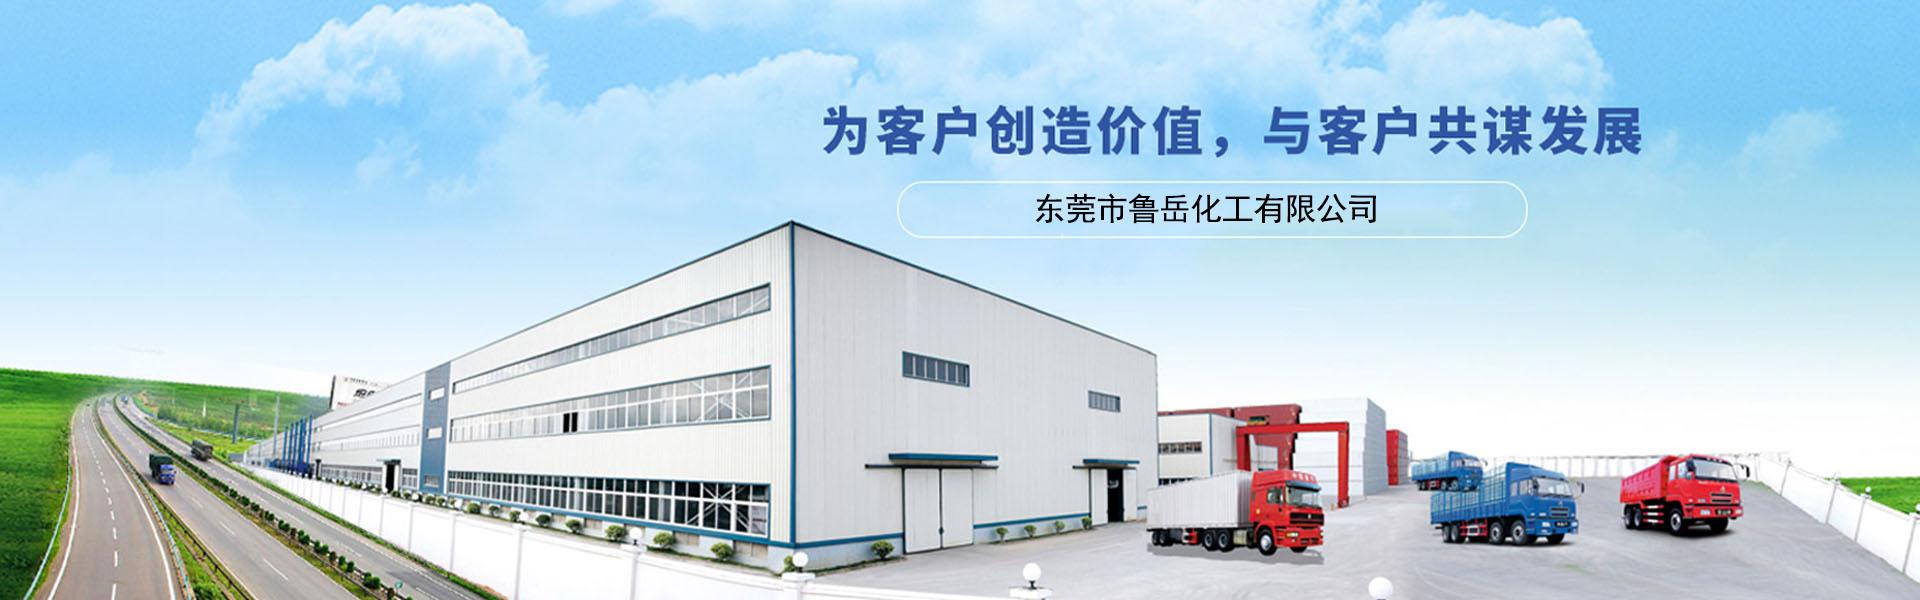 杨浦工业酒精